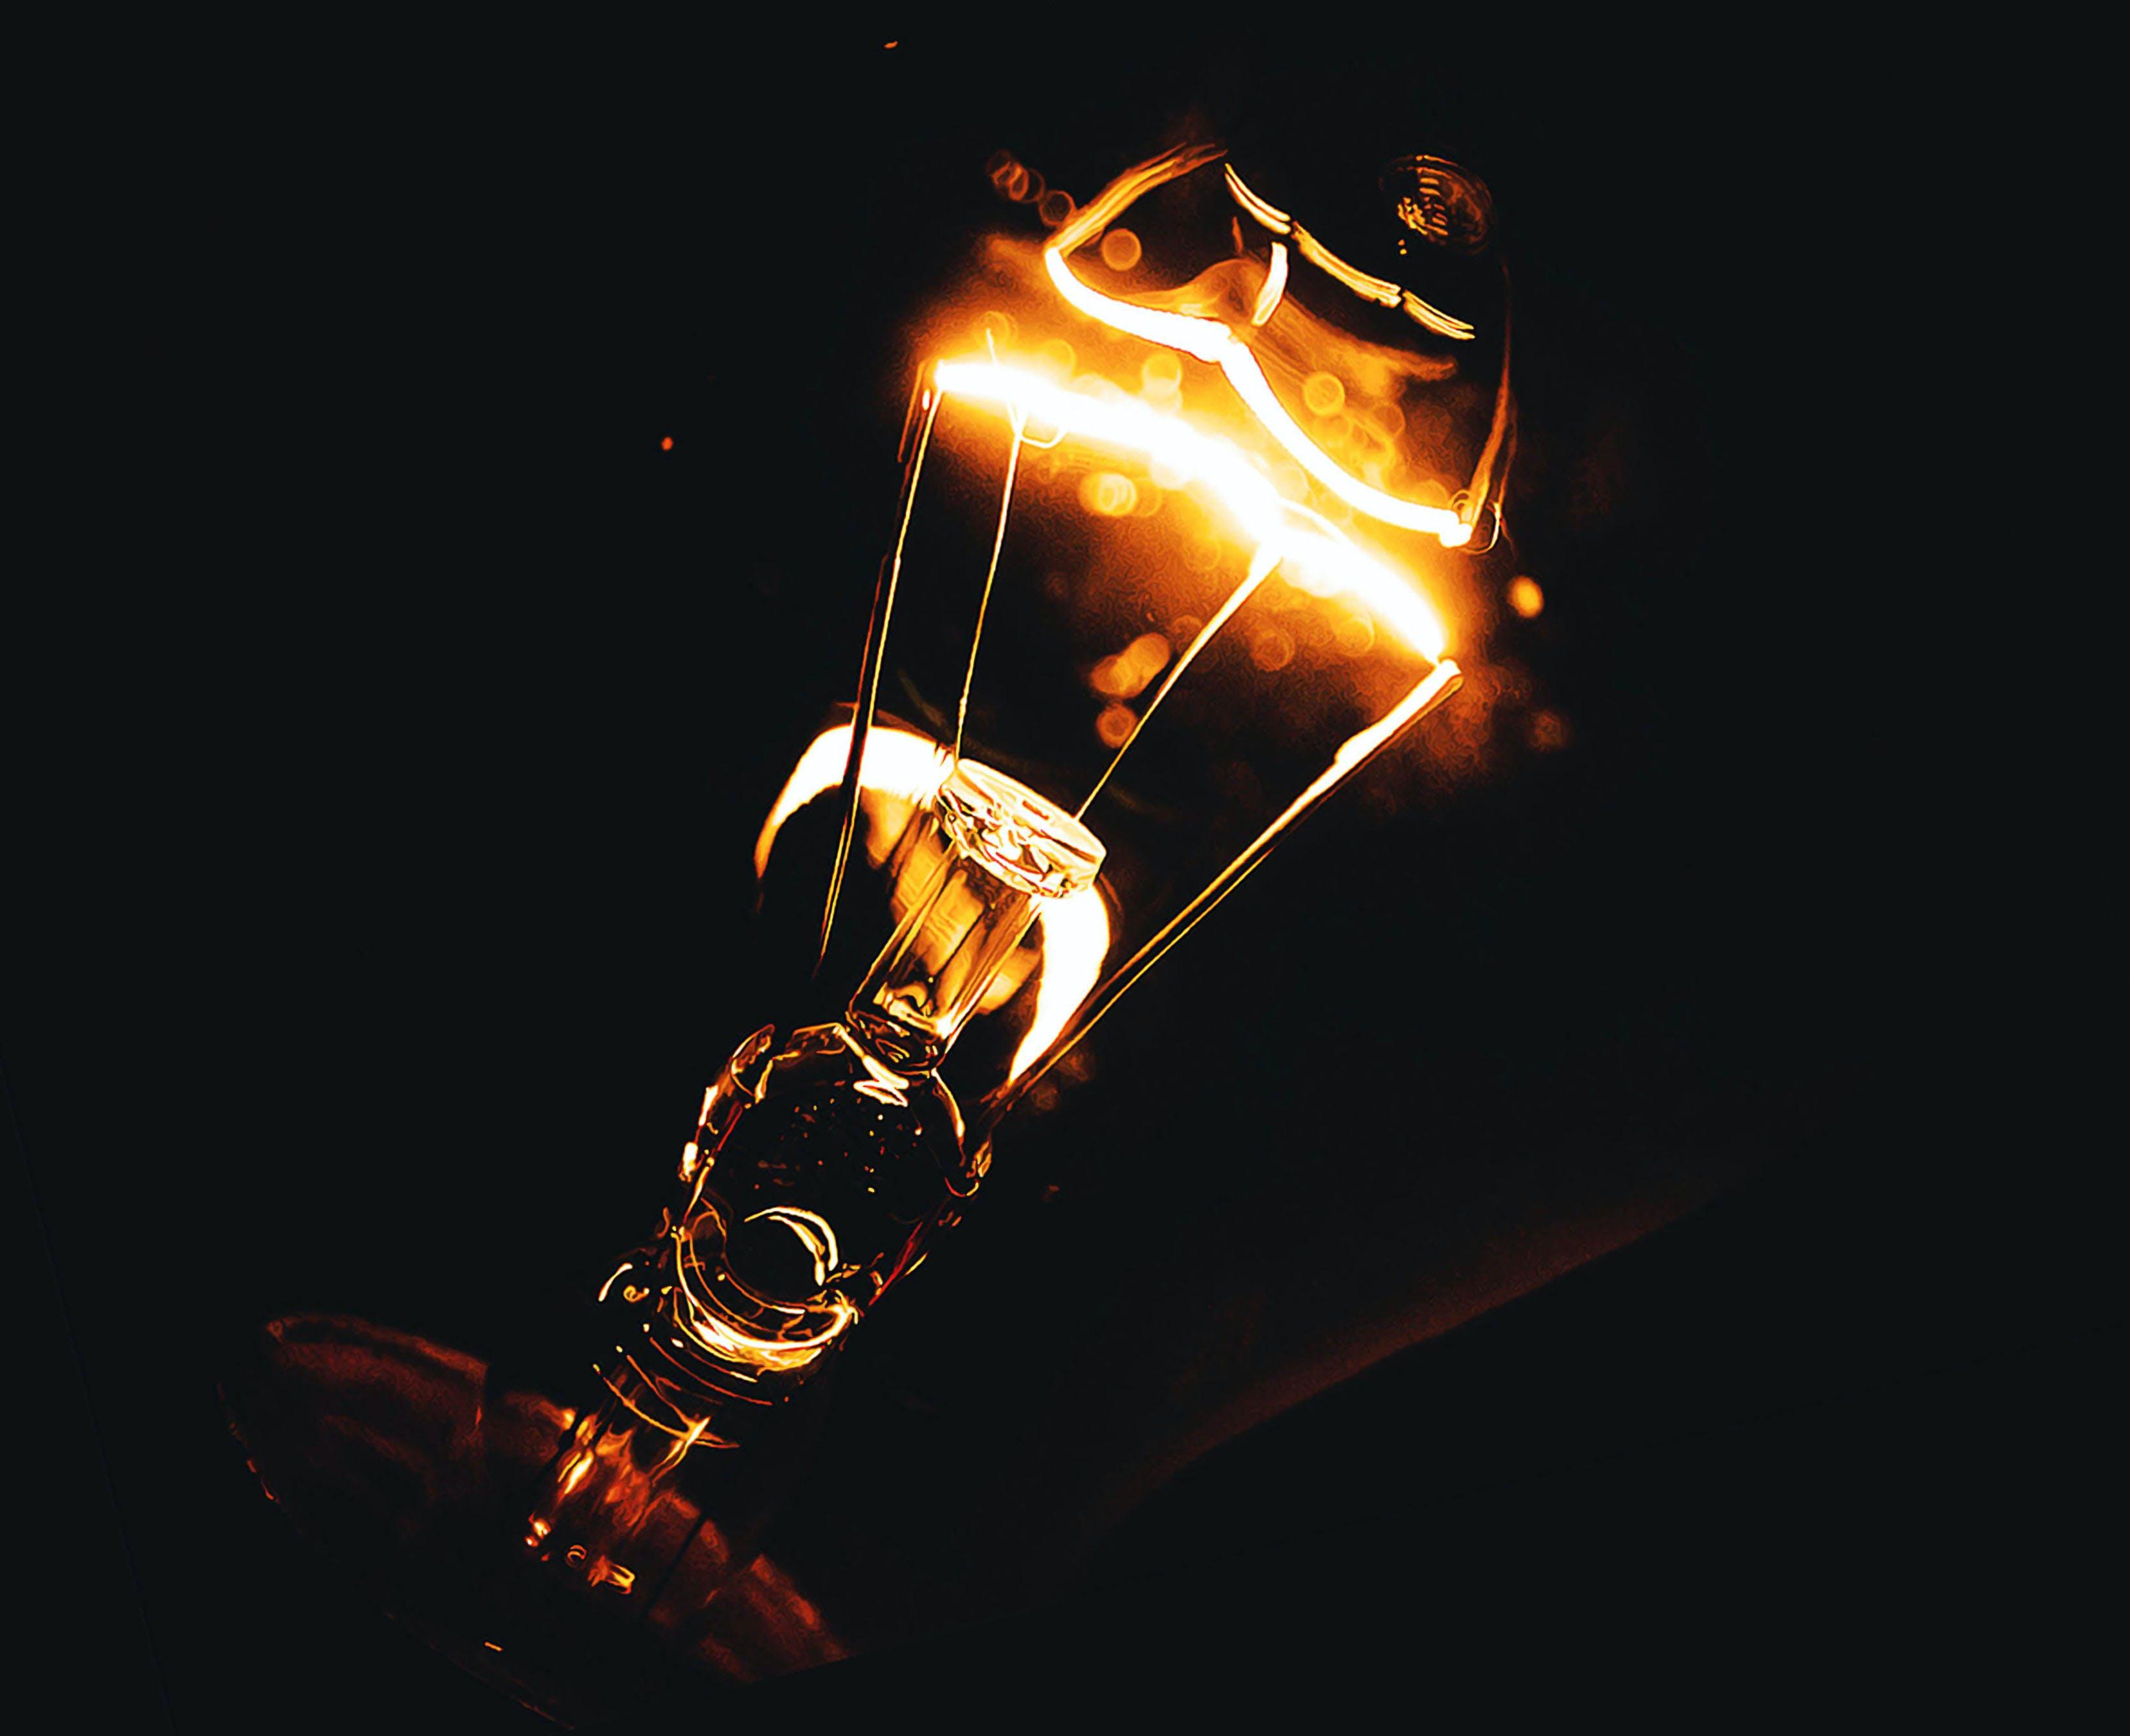 ciemny, elektryczność, jasny